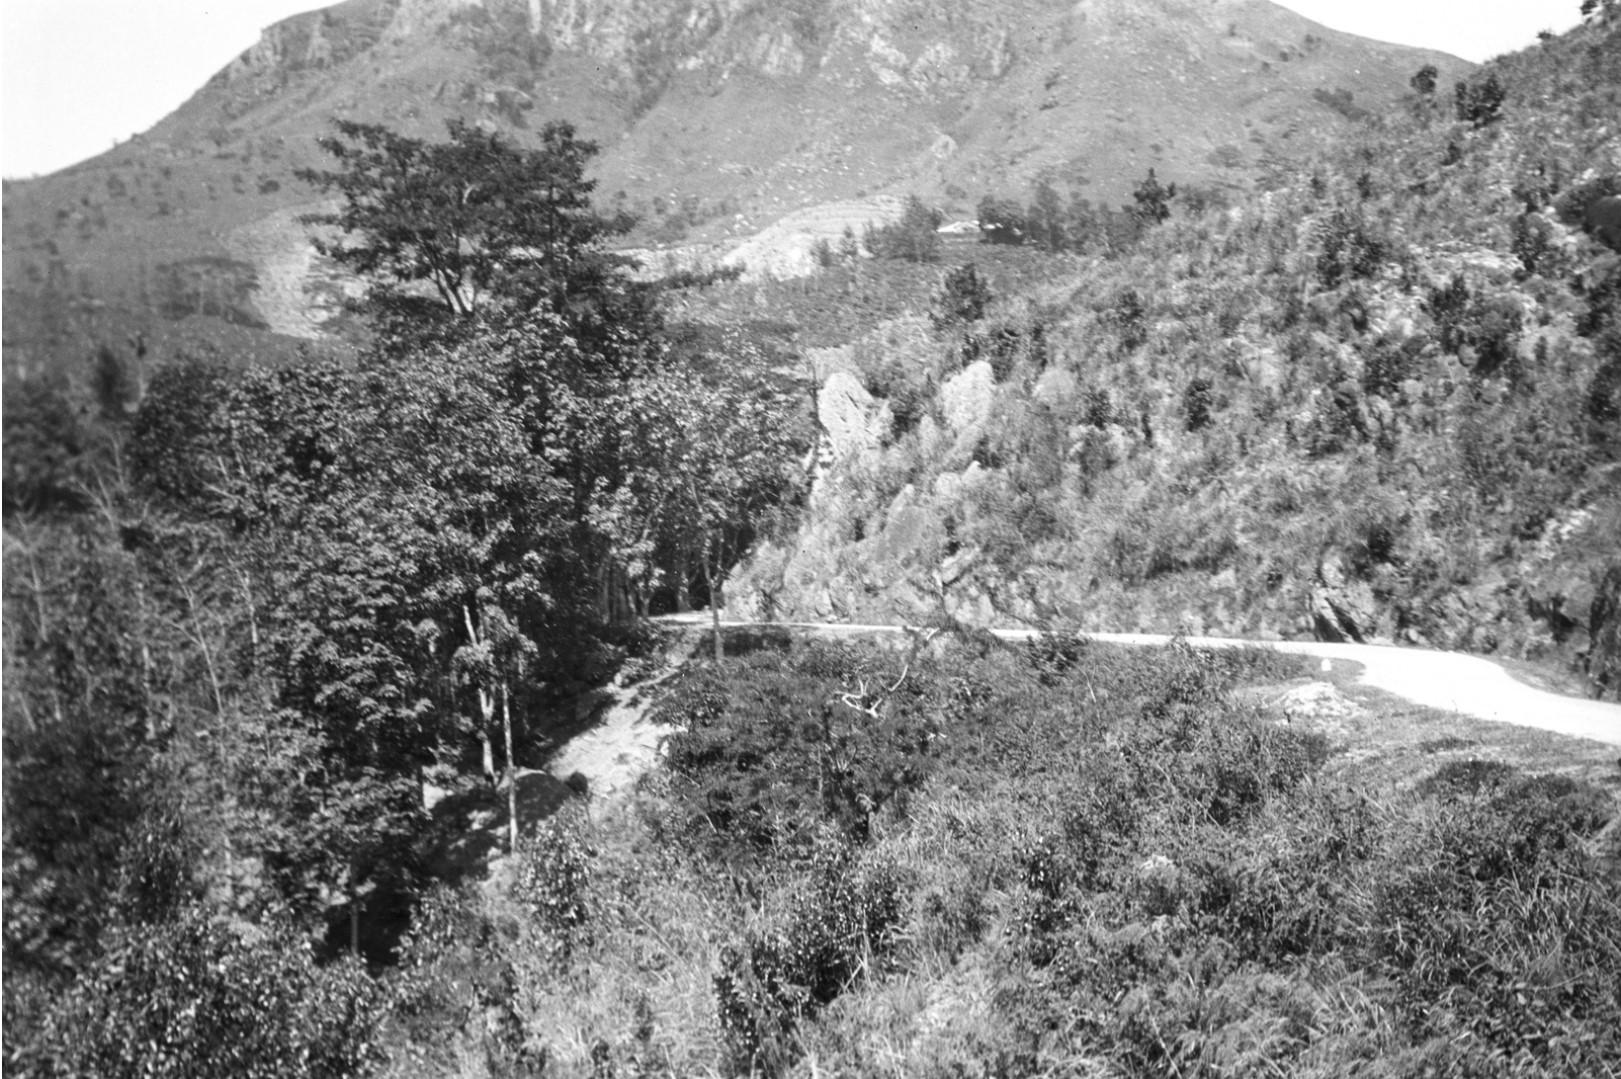 198. Вид на дорогу в Пассару. Снимок сделан Эгоном во время путешествия из Бибилы в Бадуллу